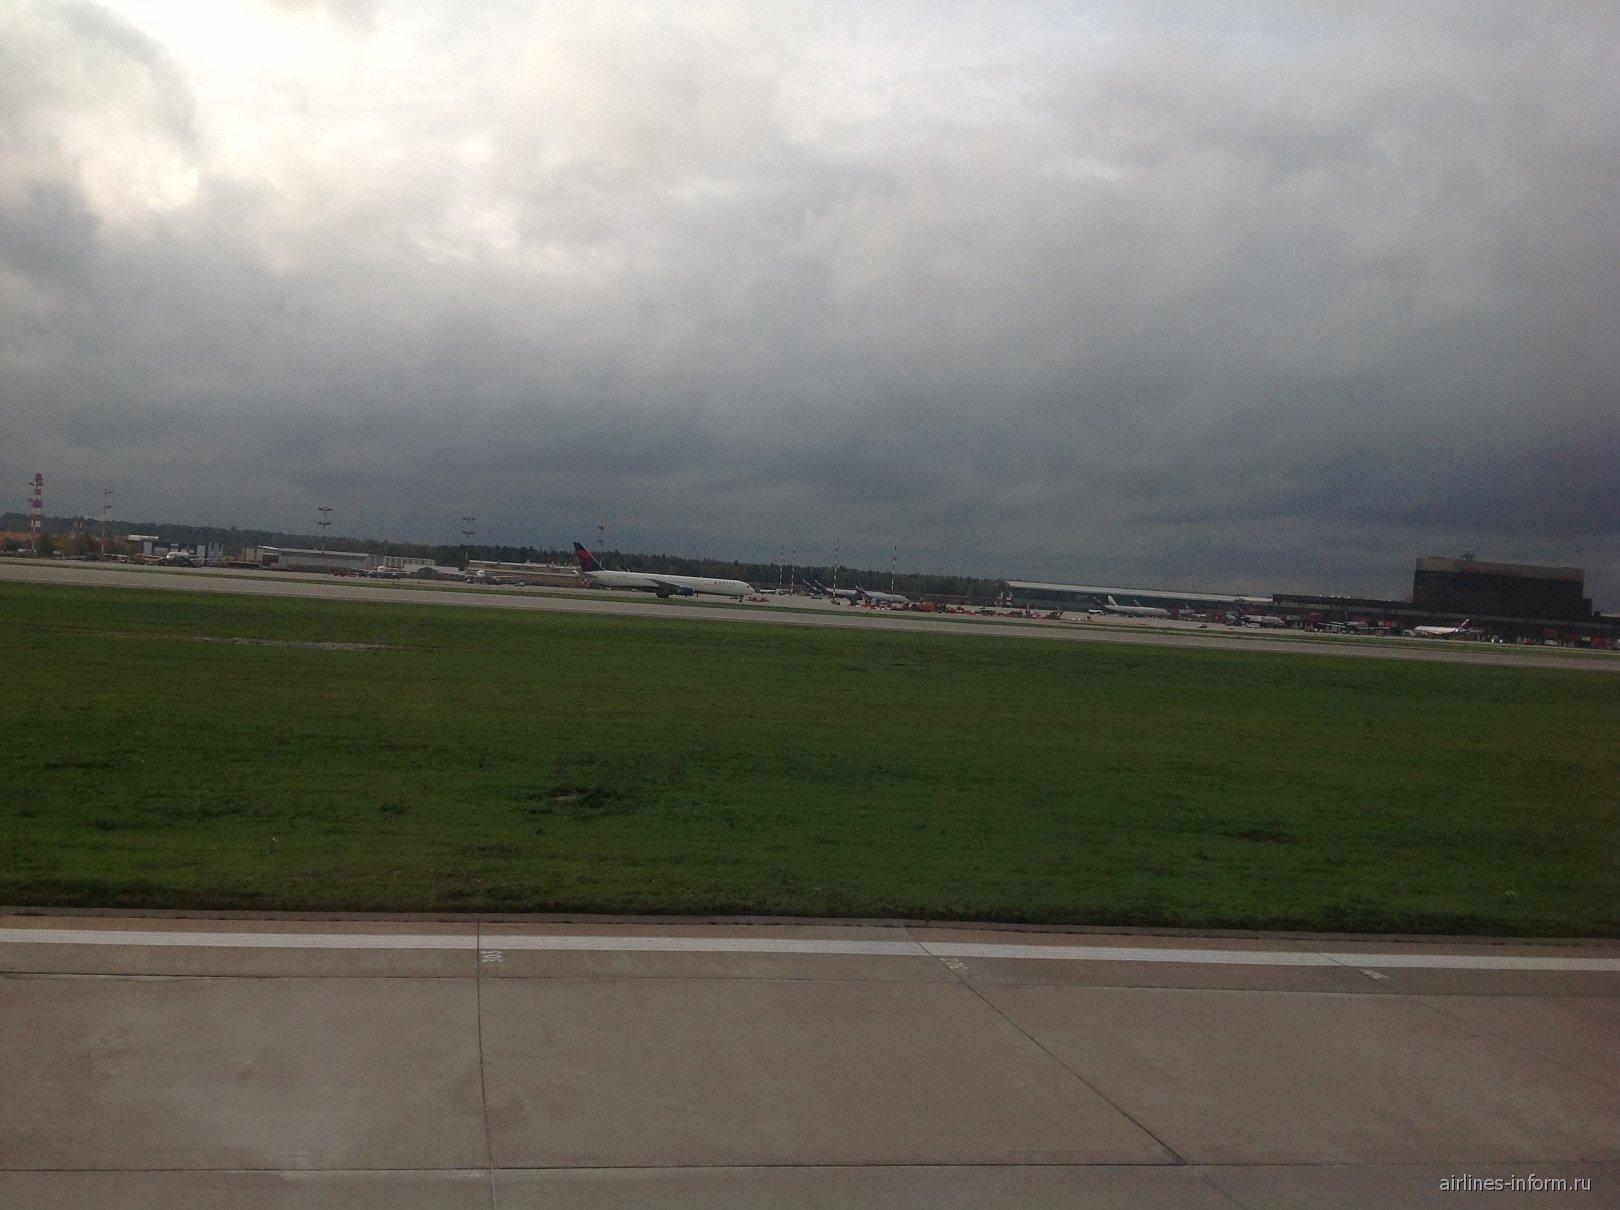 Посадка в аэропорту Шереметьево